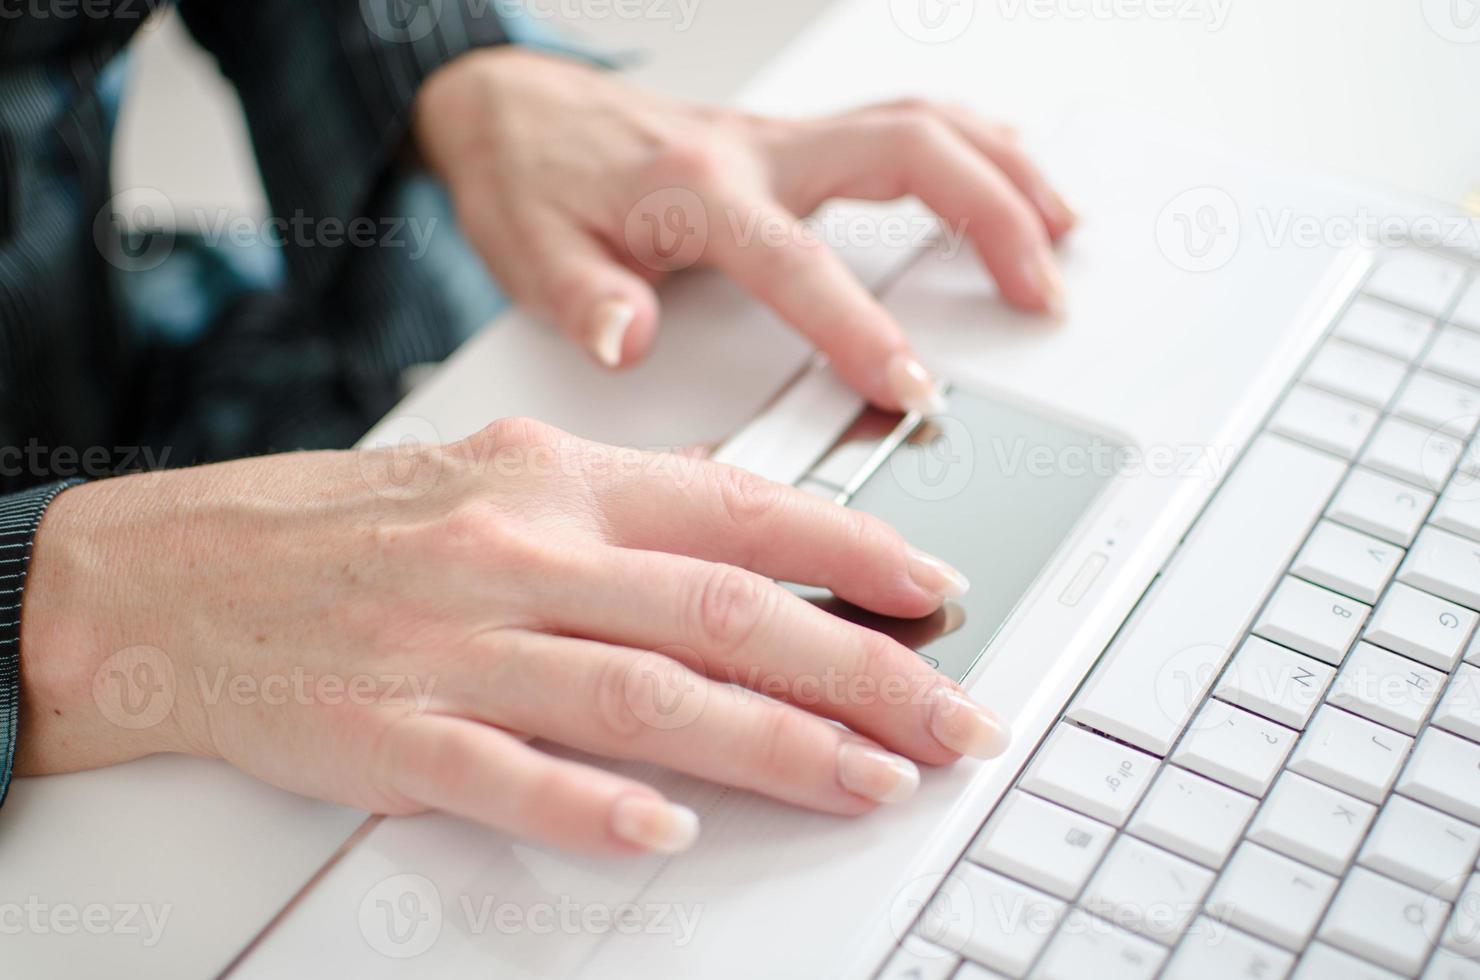 manos femeninas trabajando en un teclado de computadora portátil foto